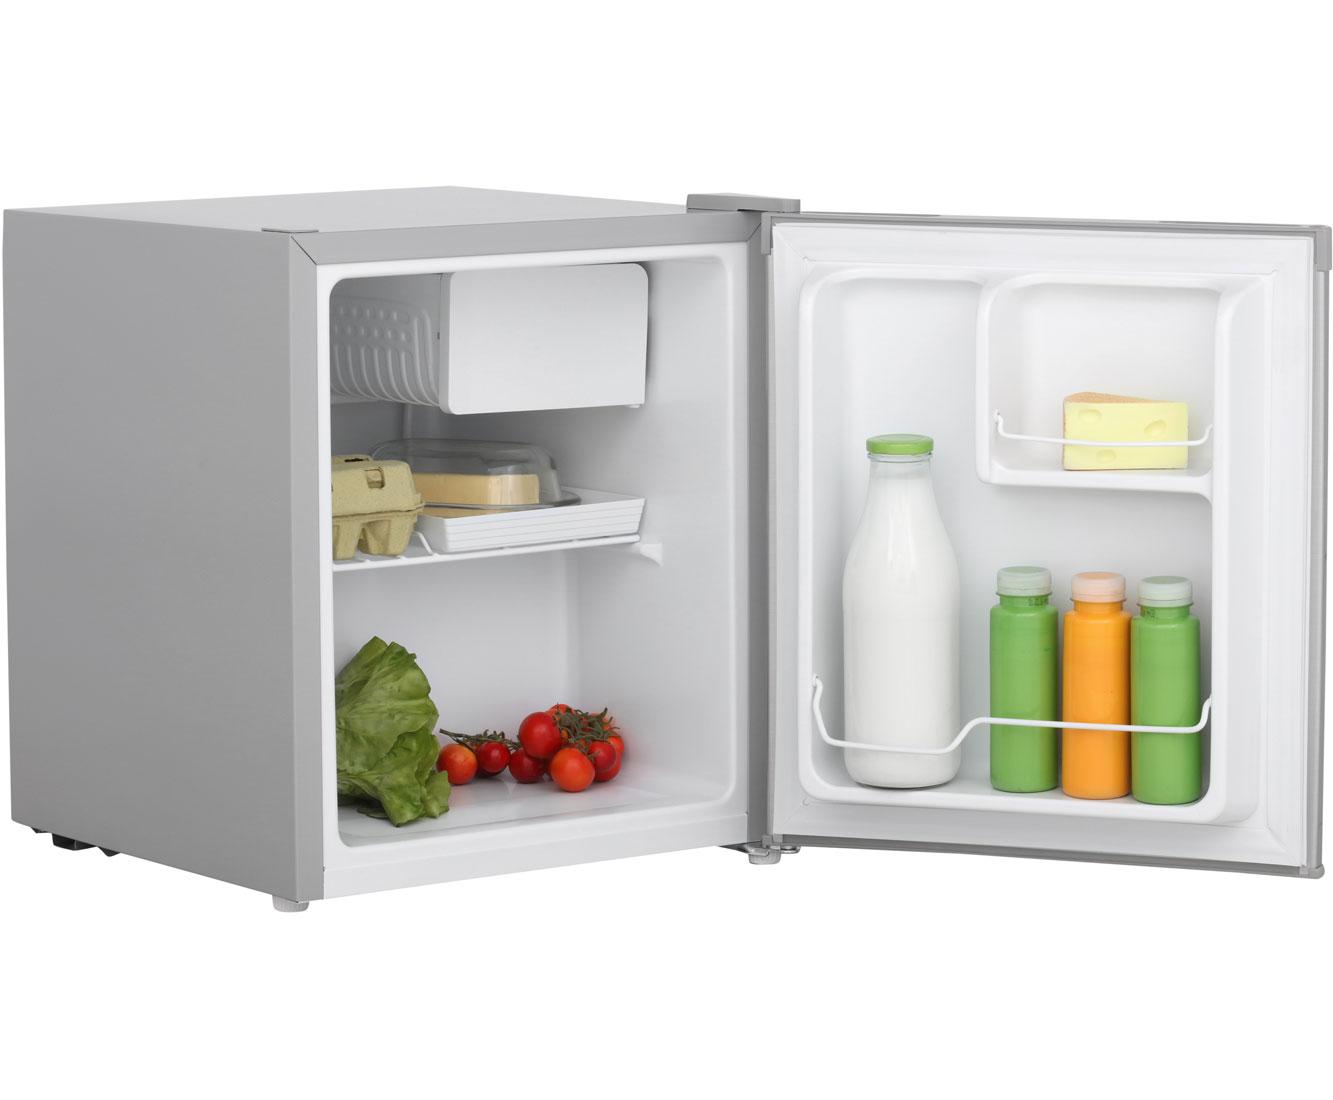 Bomann Kühlschrank Türanschlag Wechseln : Bomann kb 389 kühlschrank silber a